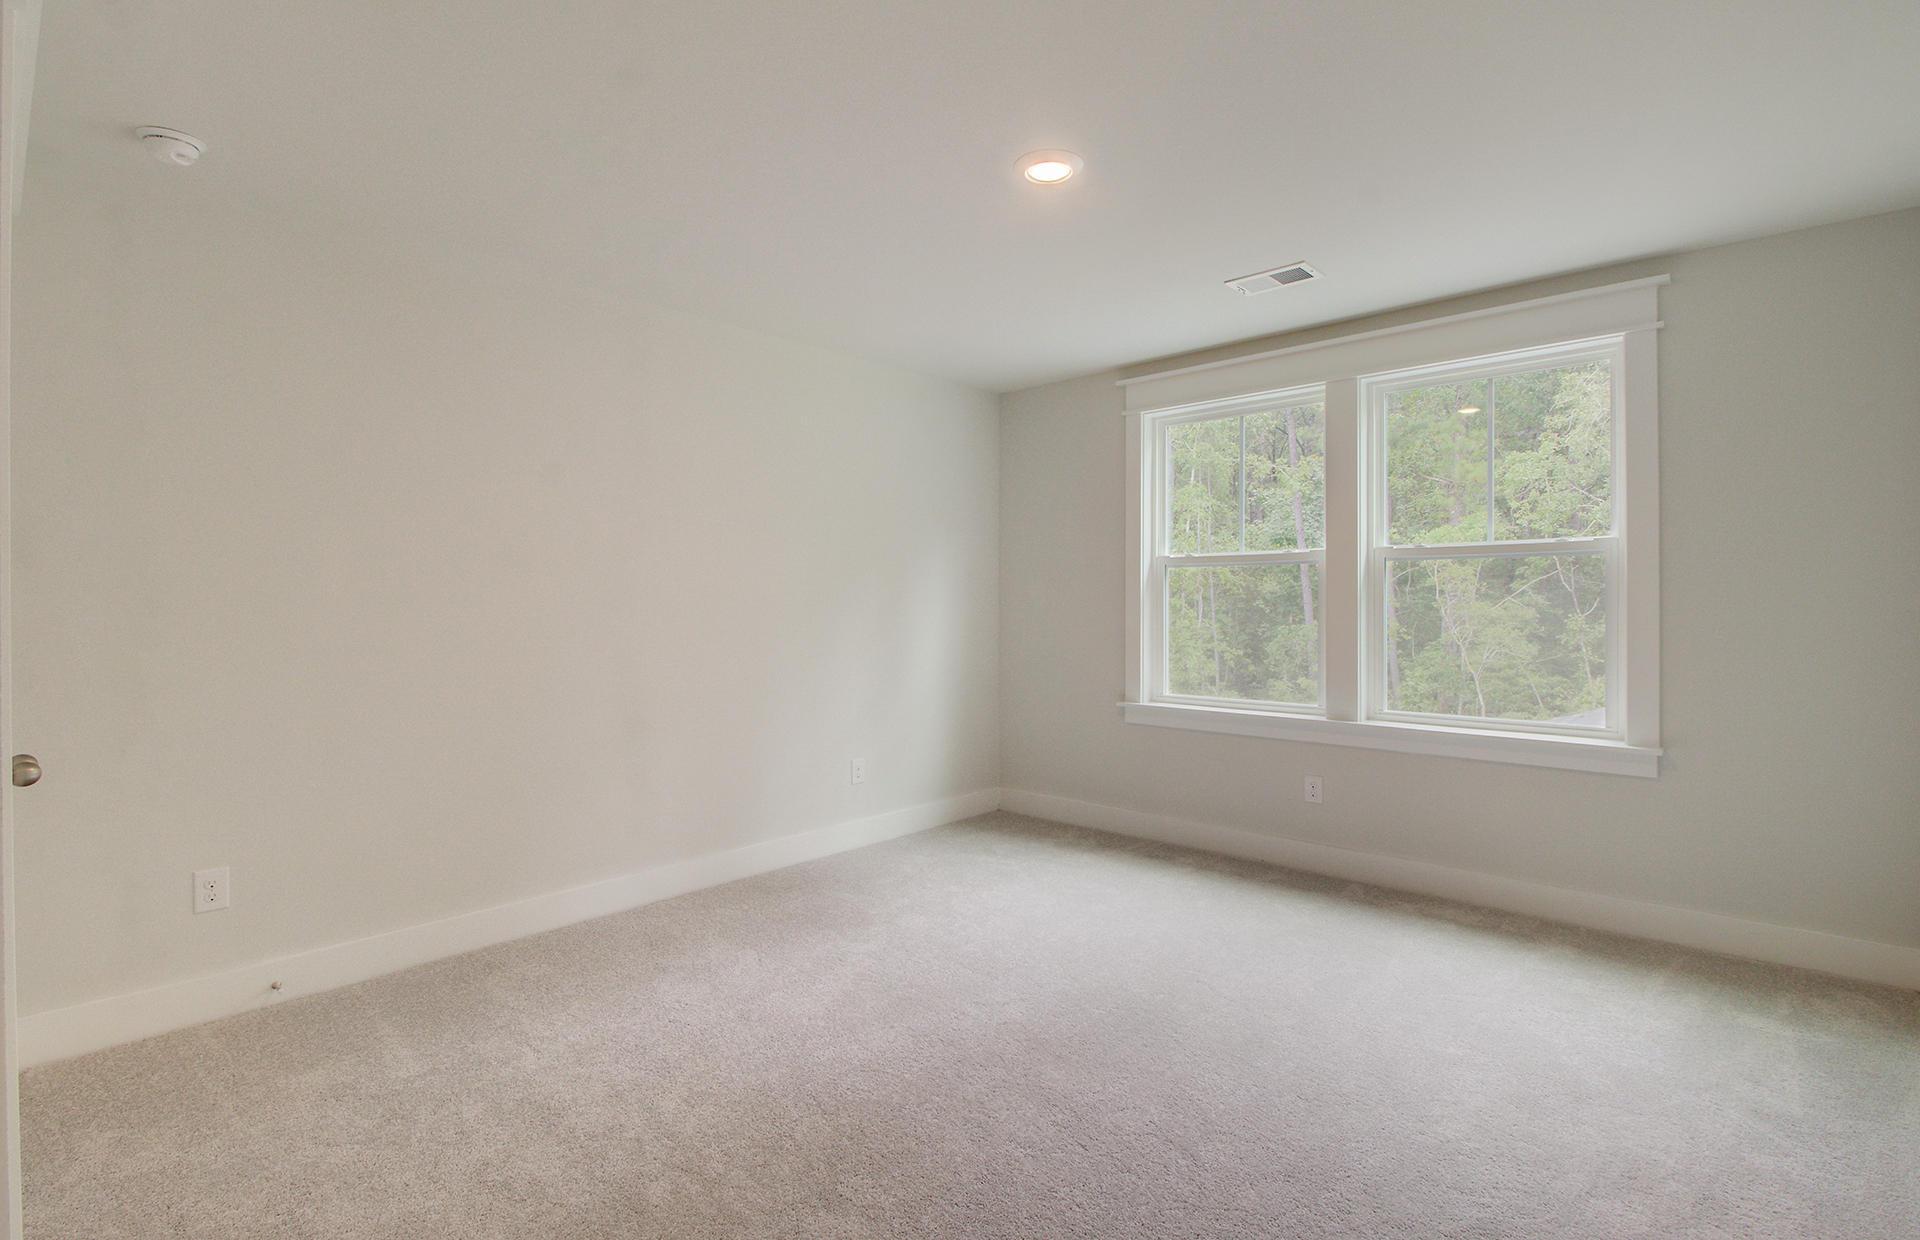 Park West Homes For Sale - 3013 Caspian, Mount Pleasant, SC - 20